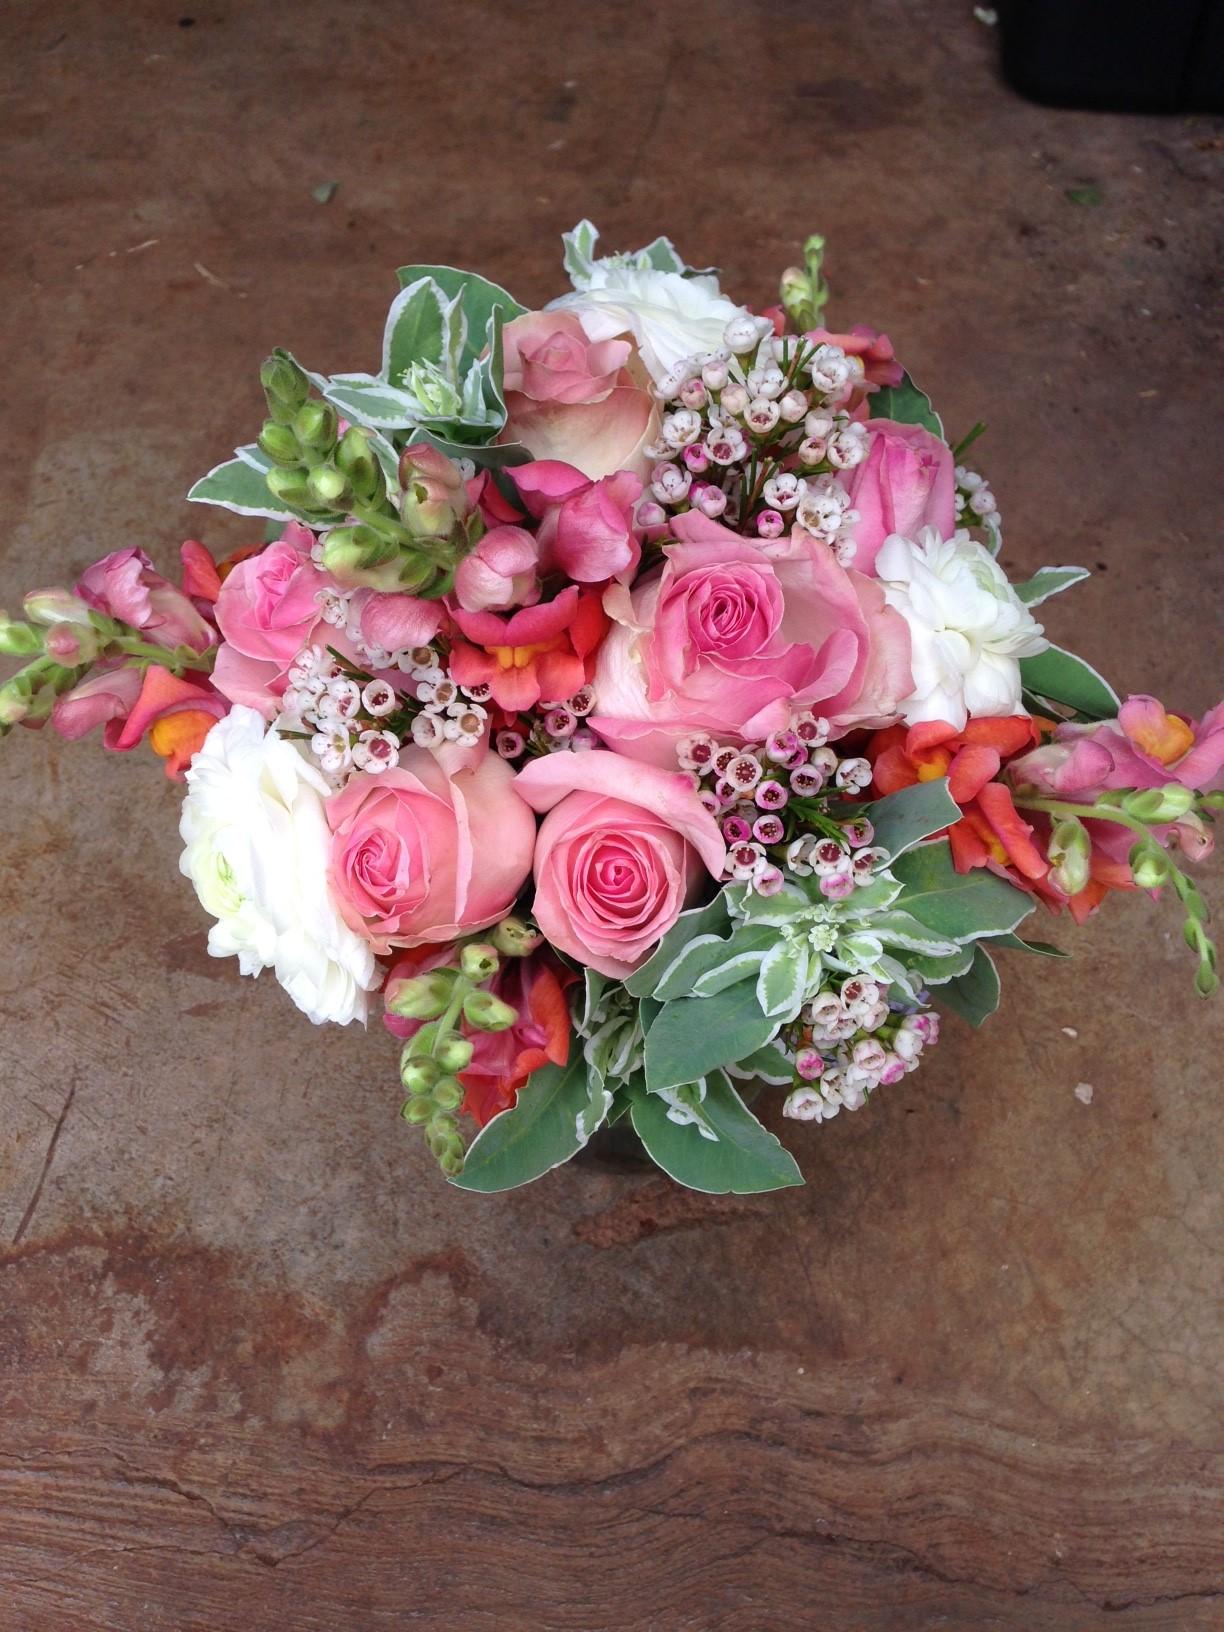 A summer bridal bouquet